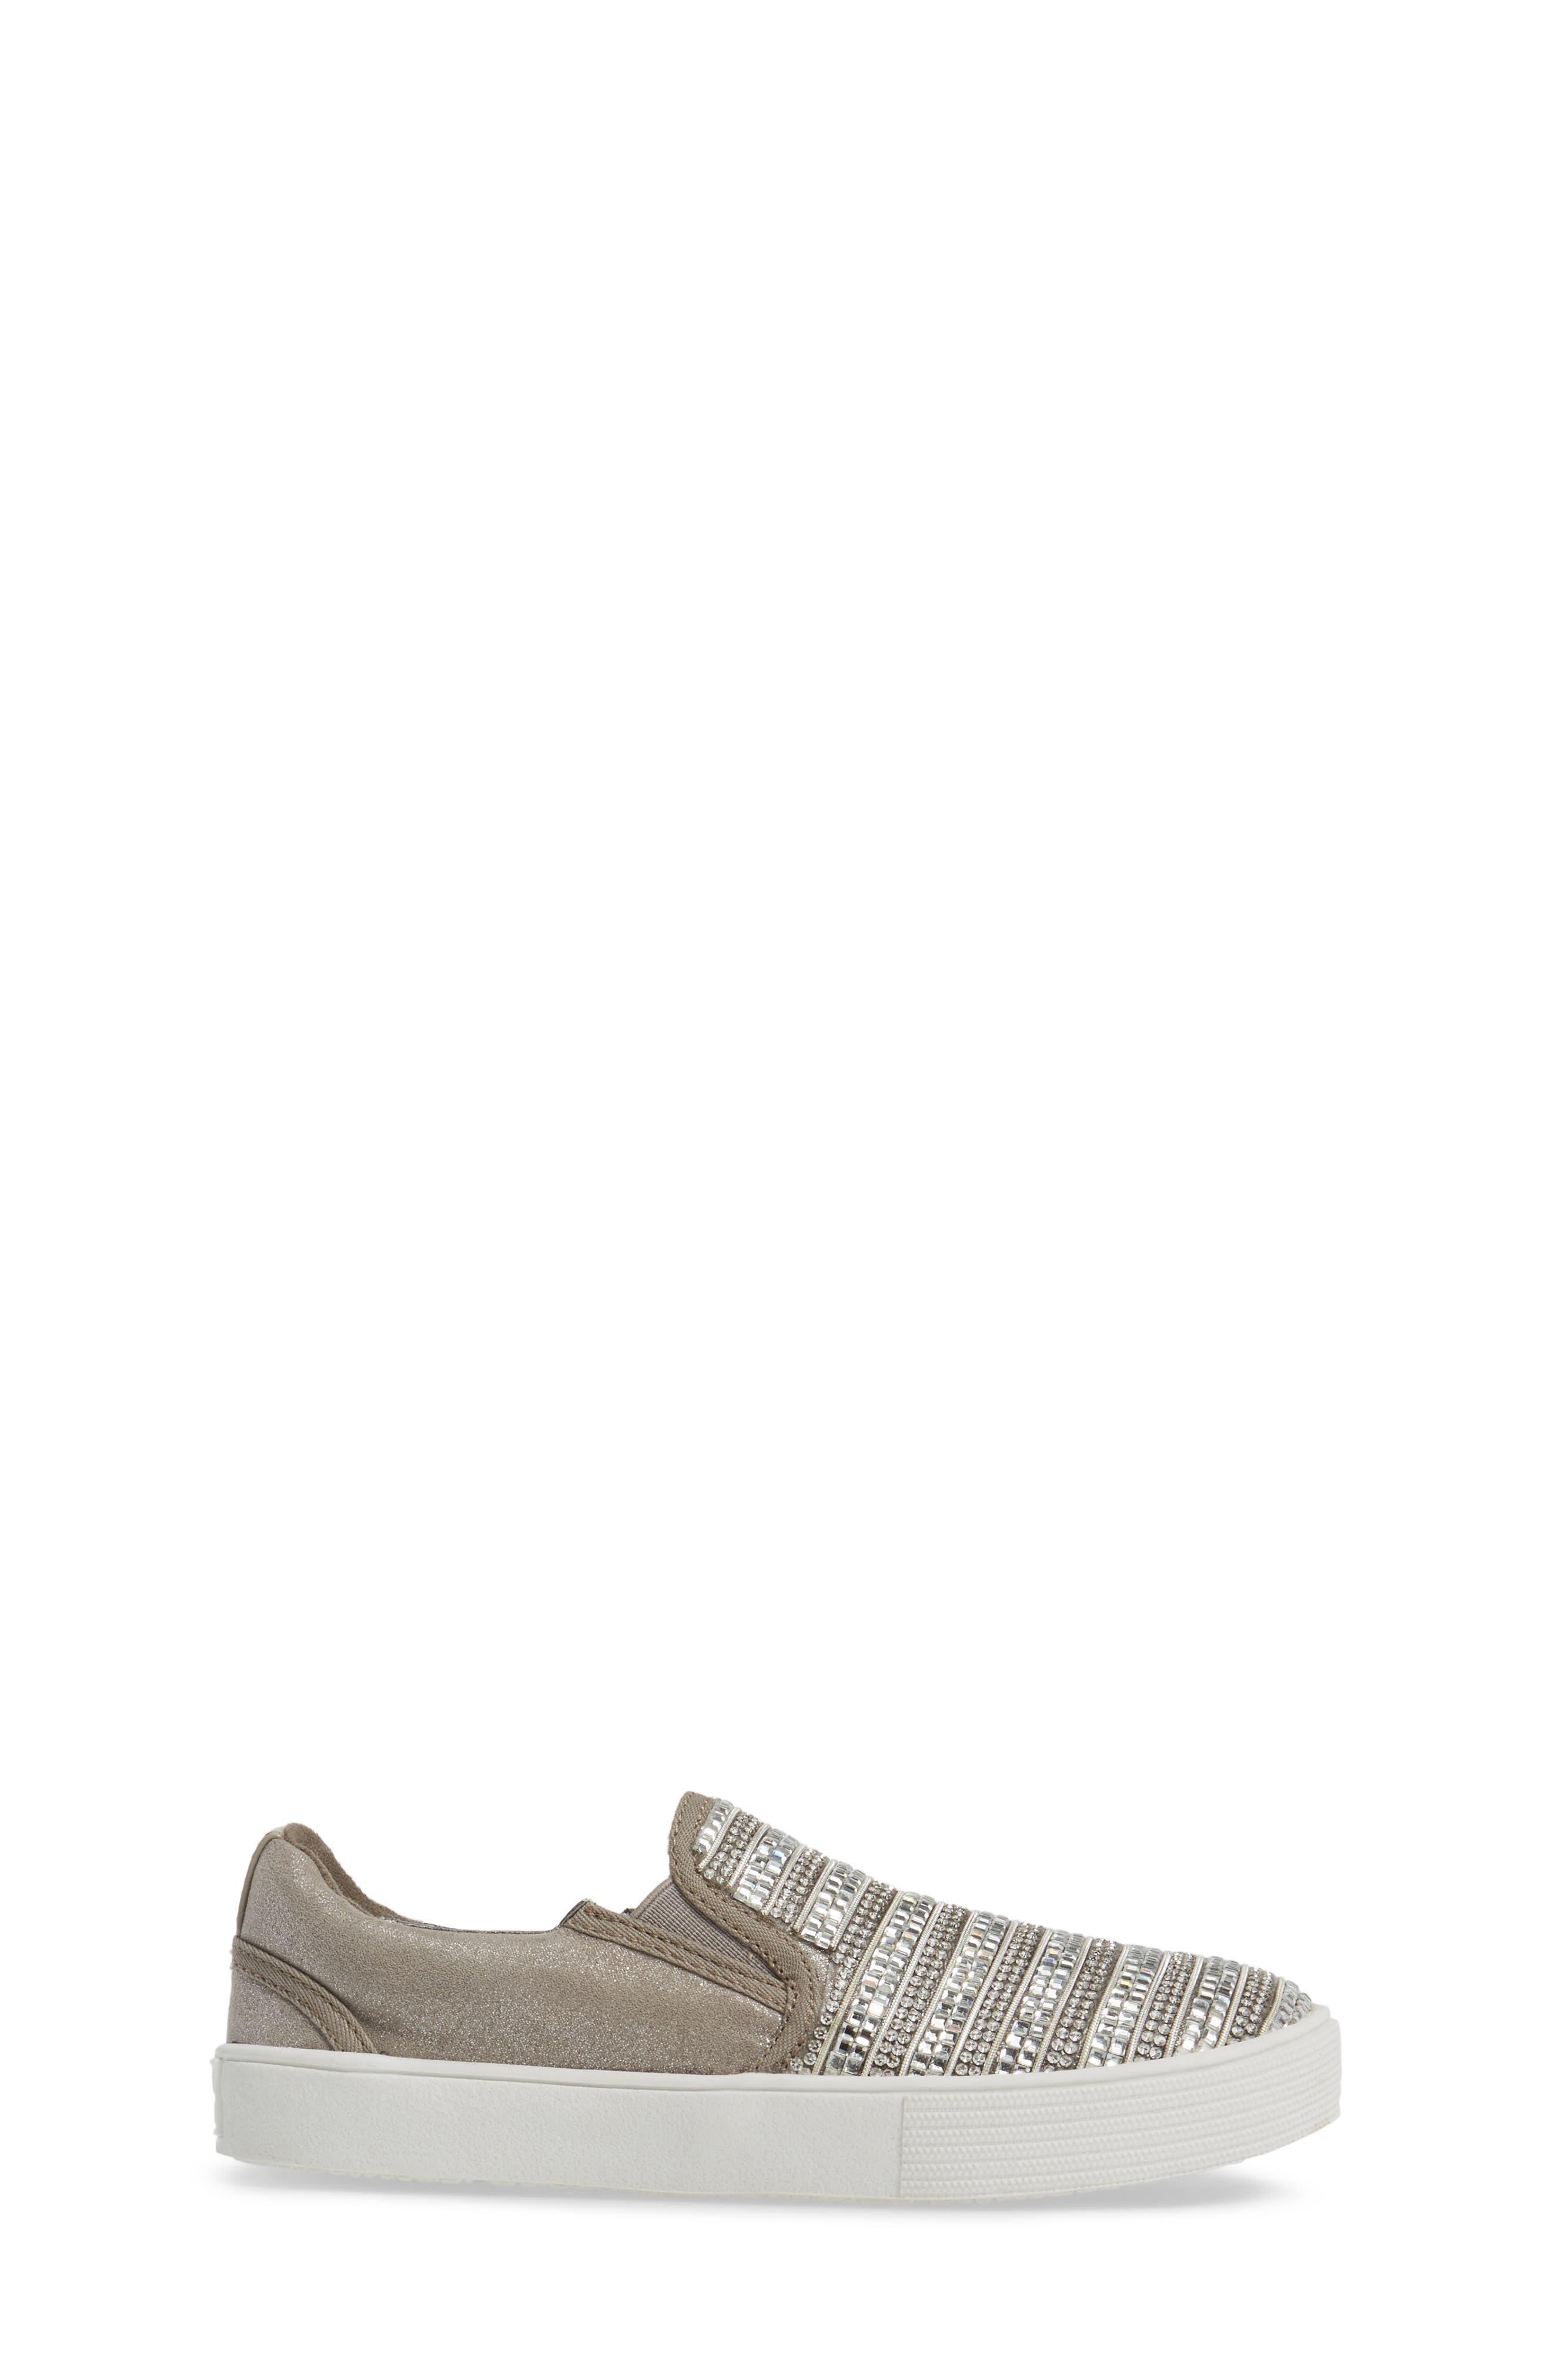 Vance Glitz Slip-On Sneaker,                             Alternate thumbnail 8, color,